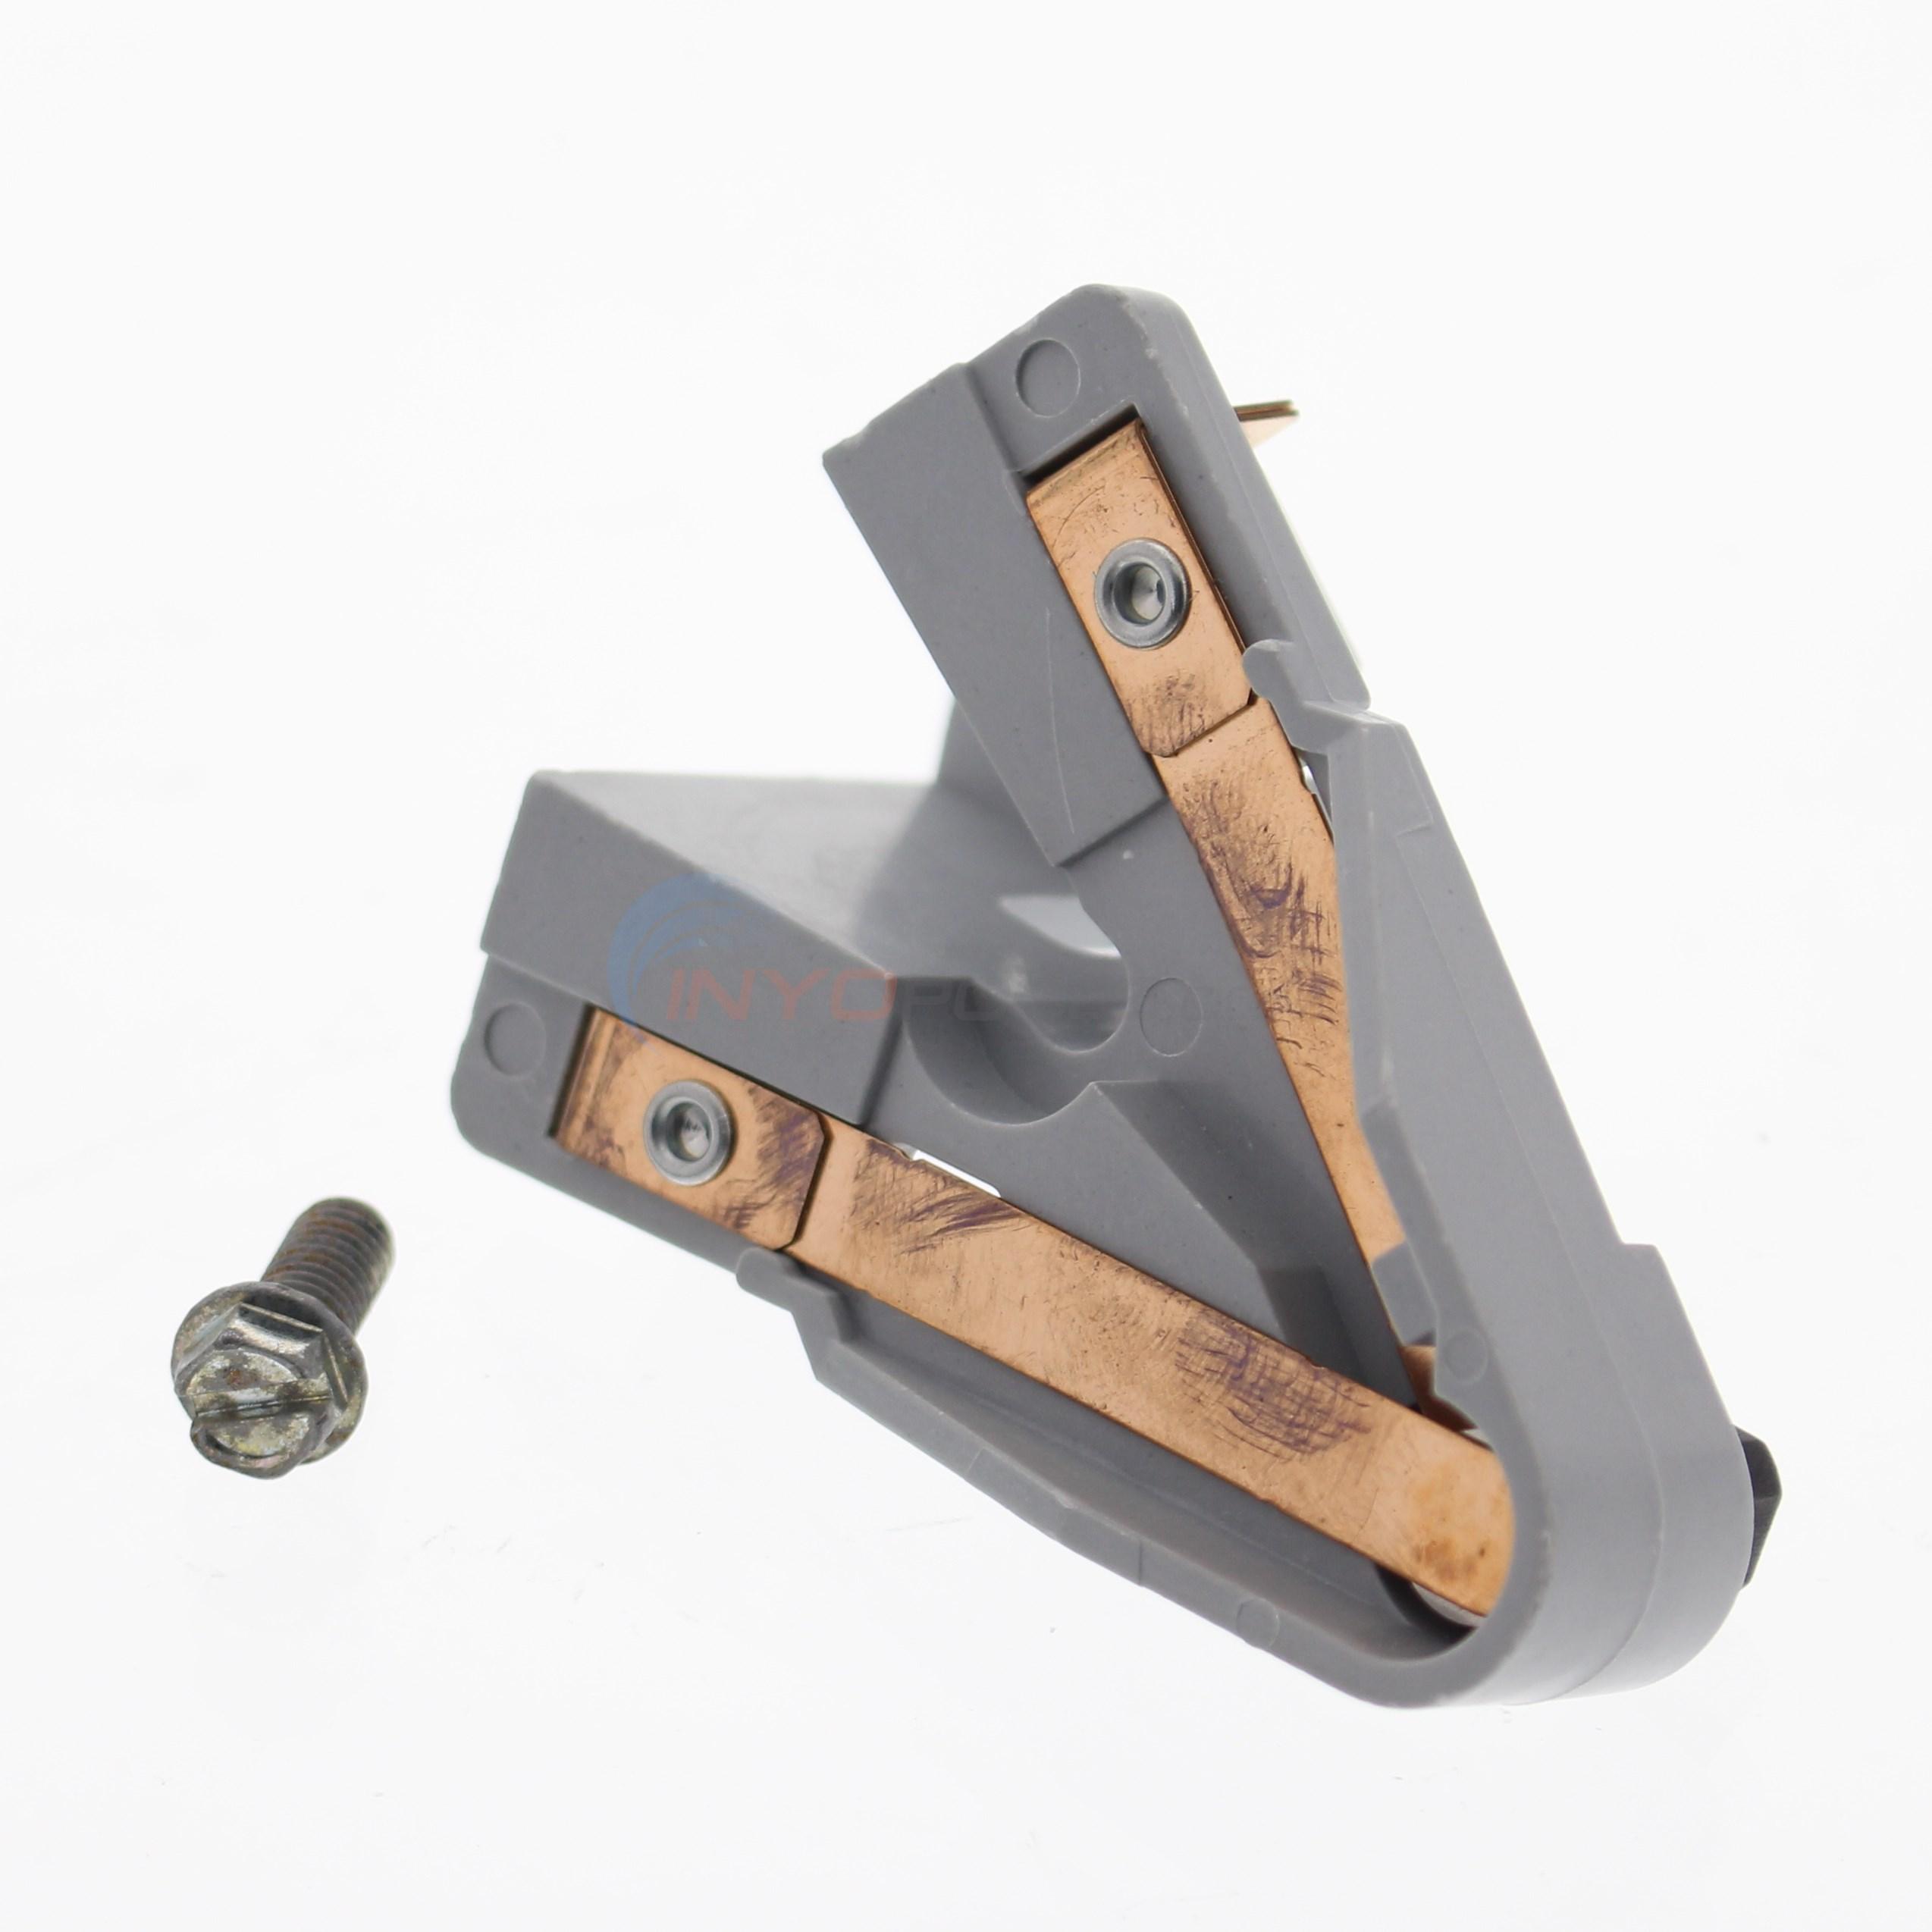 702592005 Hammer Bohrer /& Meisselsatz mit SDS-Schaft Hartmetallspitze 12 tlg